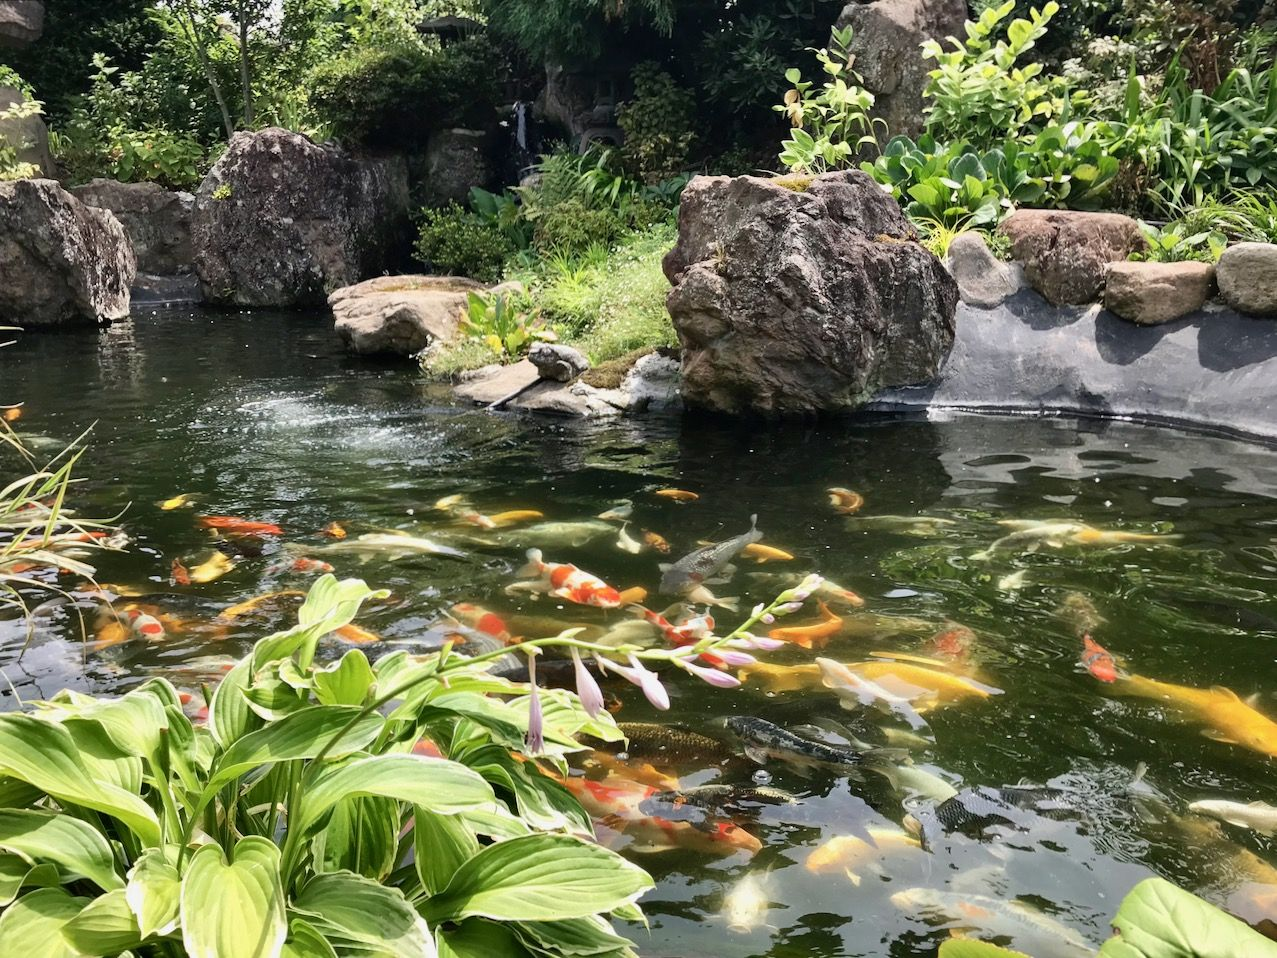 愛らしい日本庭園で優雅に泳ぐ錦鯉